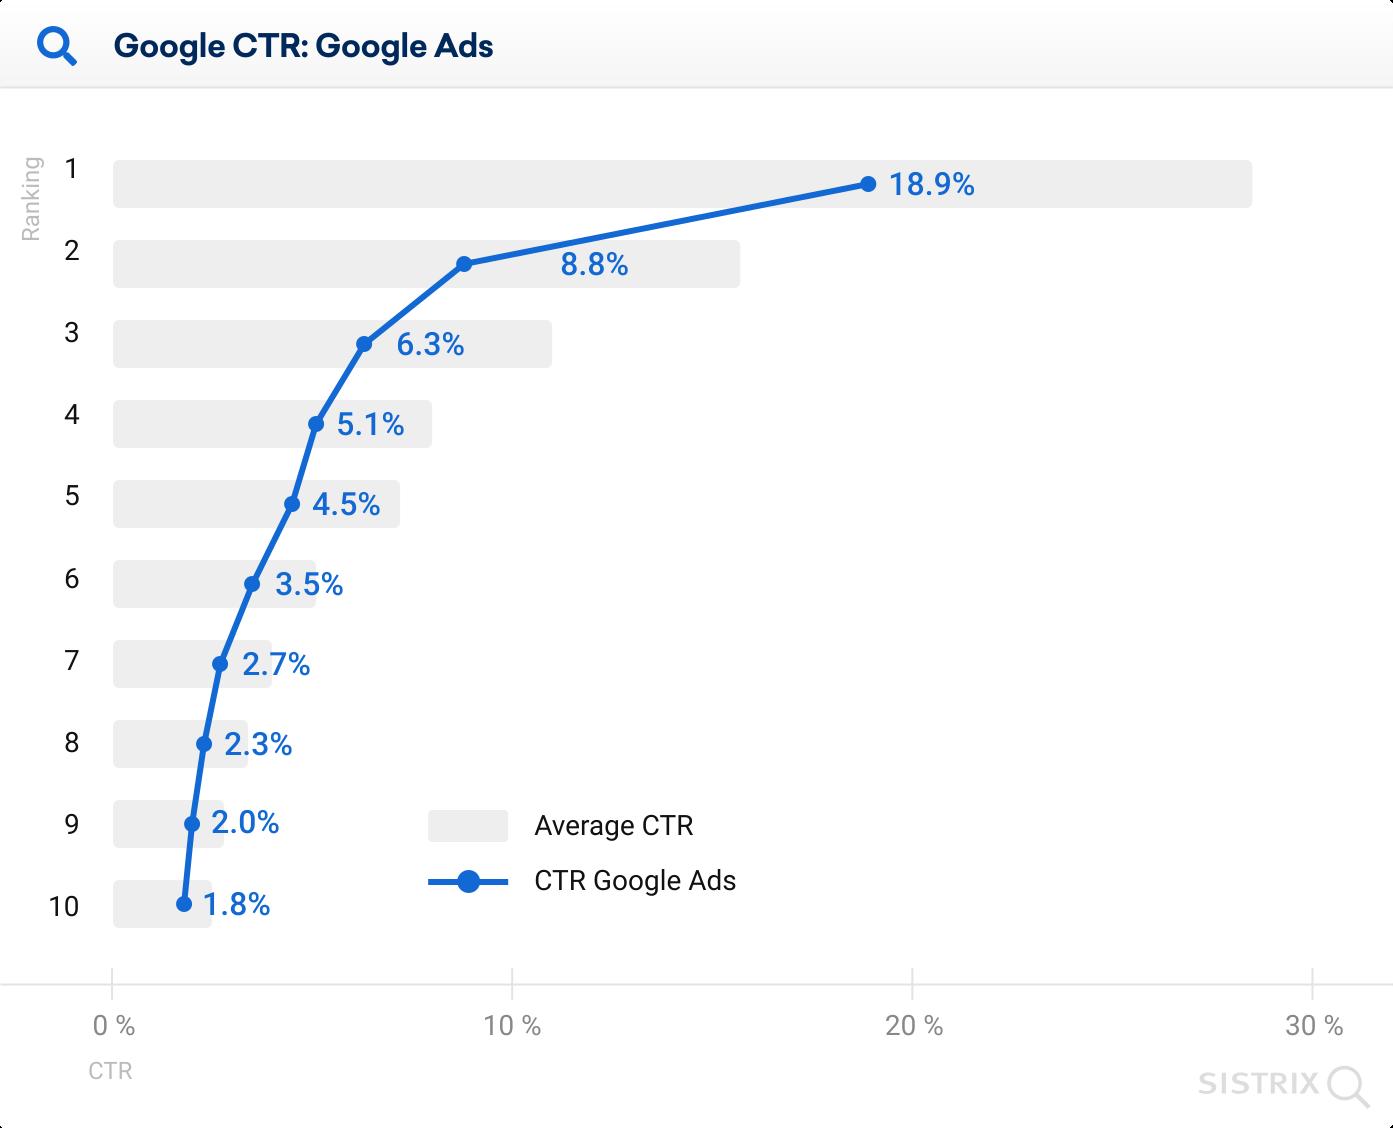 نرخ کلیک نتایج ارگانیک گوگل همراه با تبلیغات